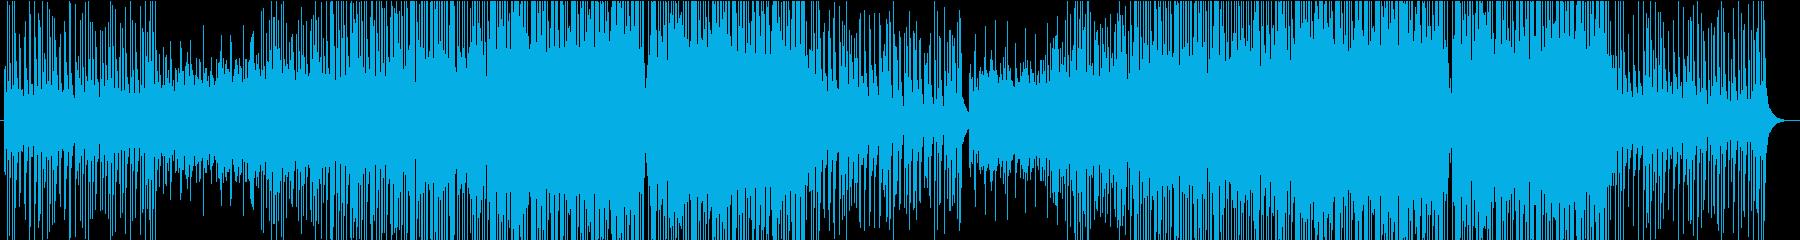 優しく温かく明るいトロピカルハウス楽曲の再生済みの波形